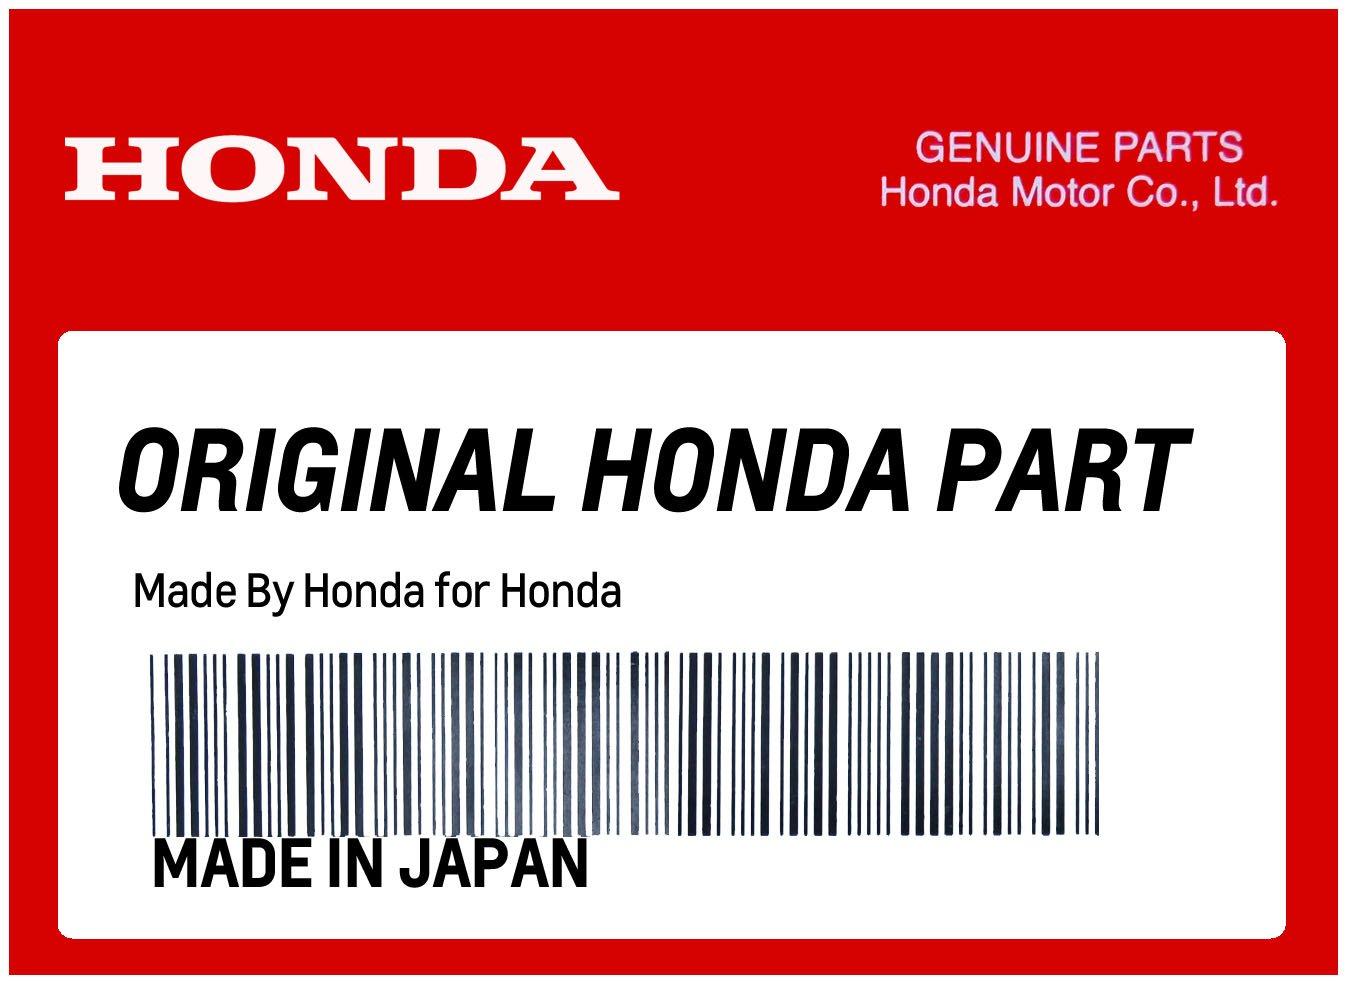 HONDA 37201-HN0-A01 CASE (UPPER) by Honda